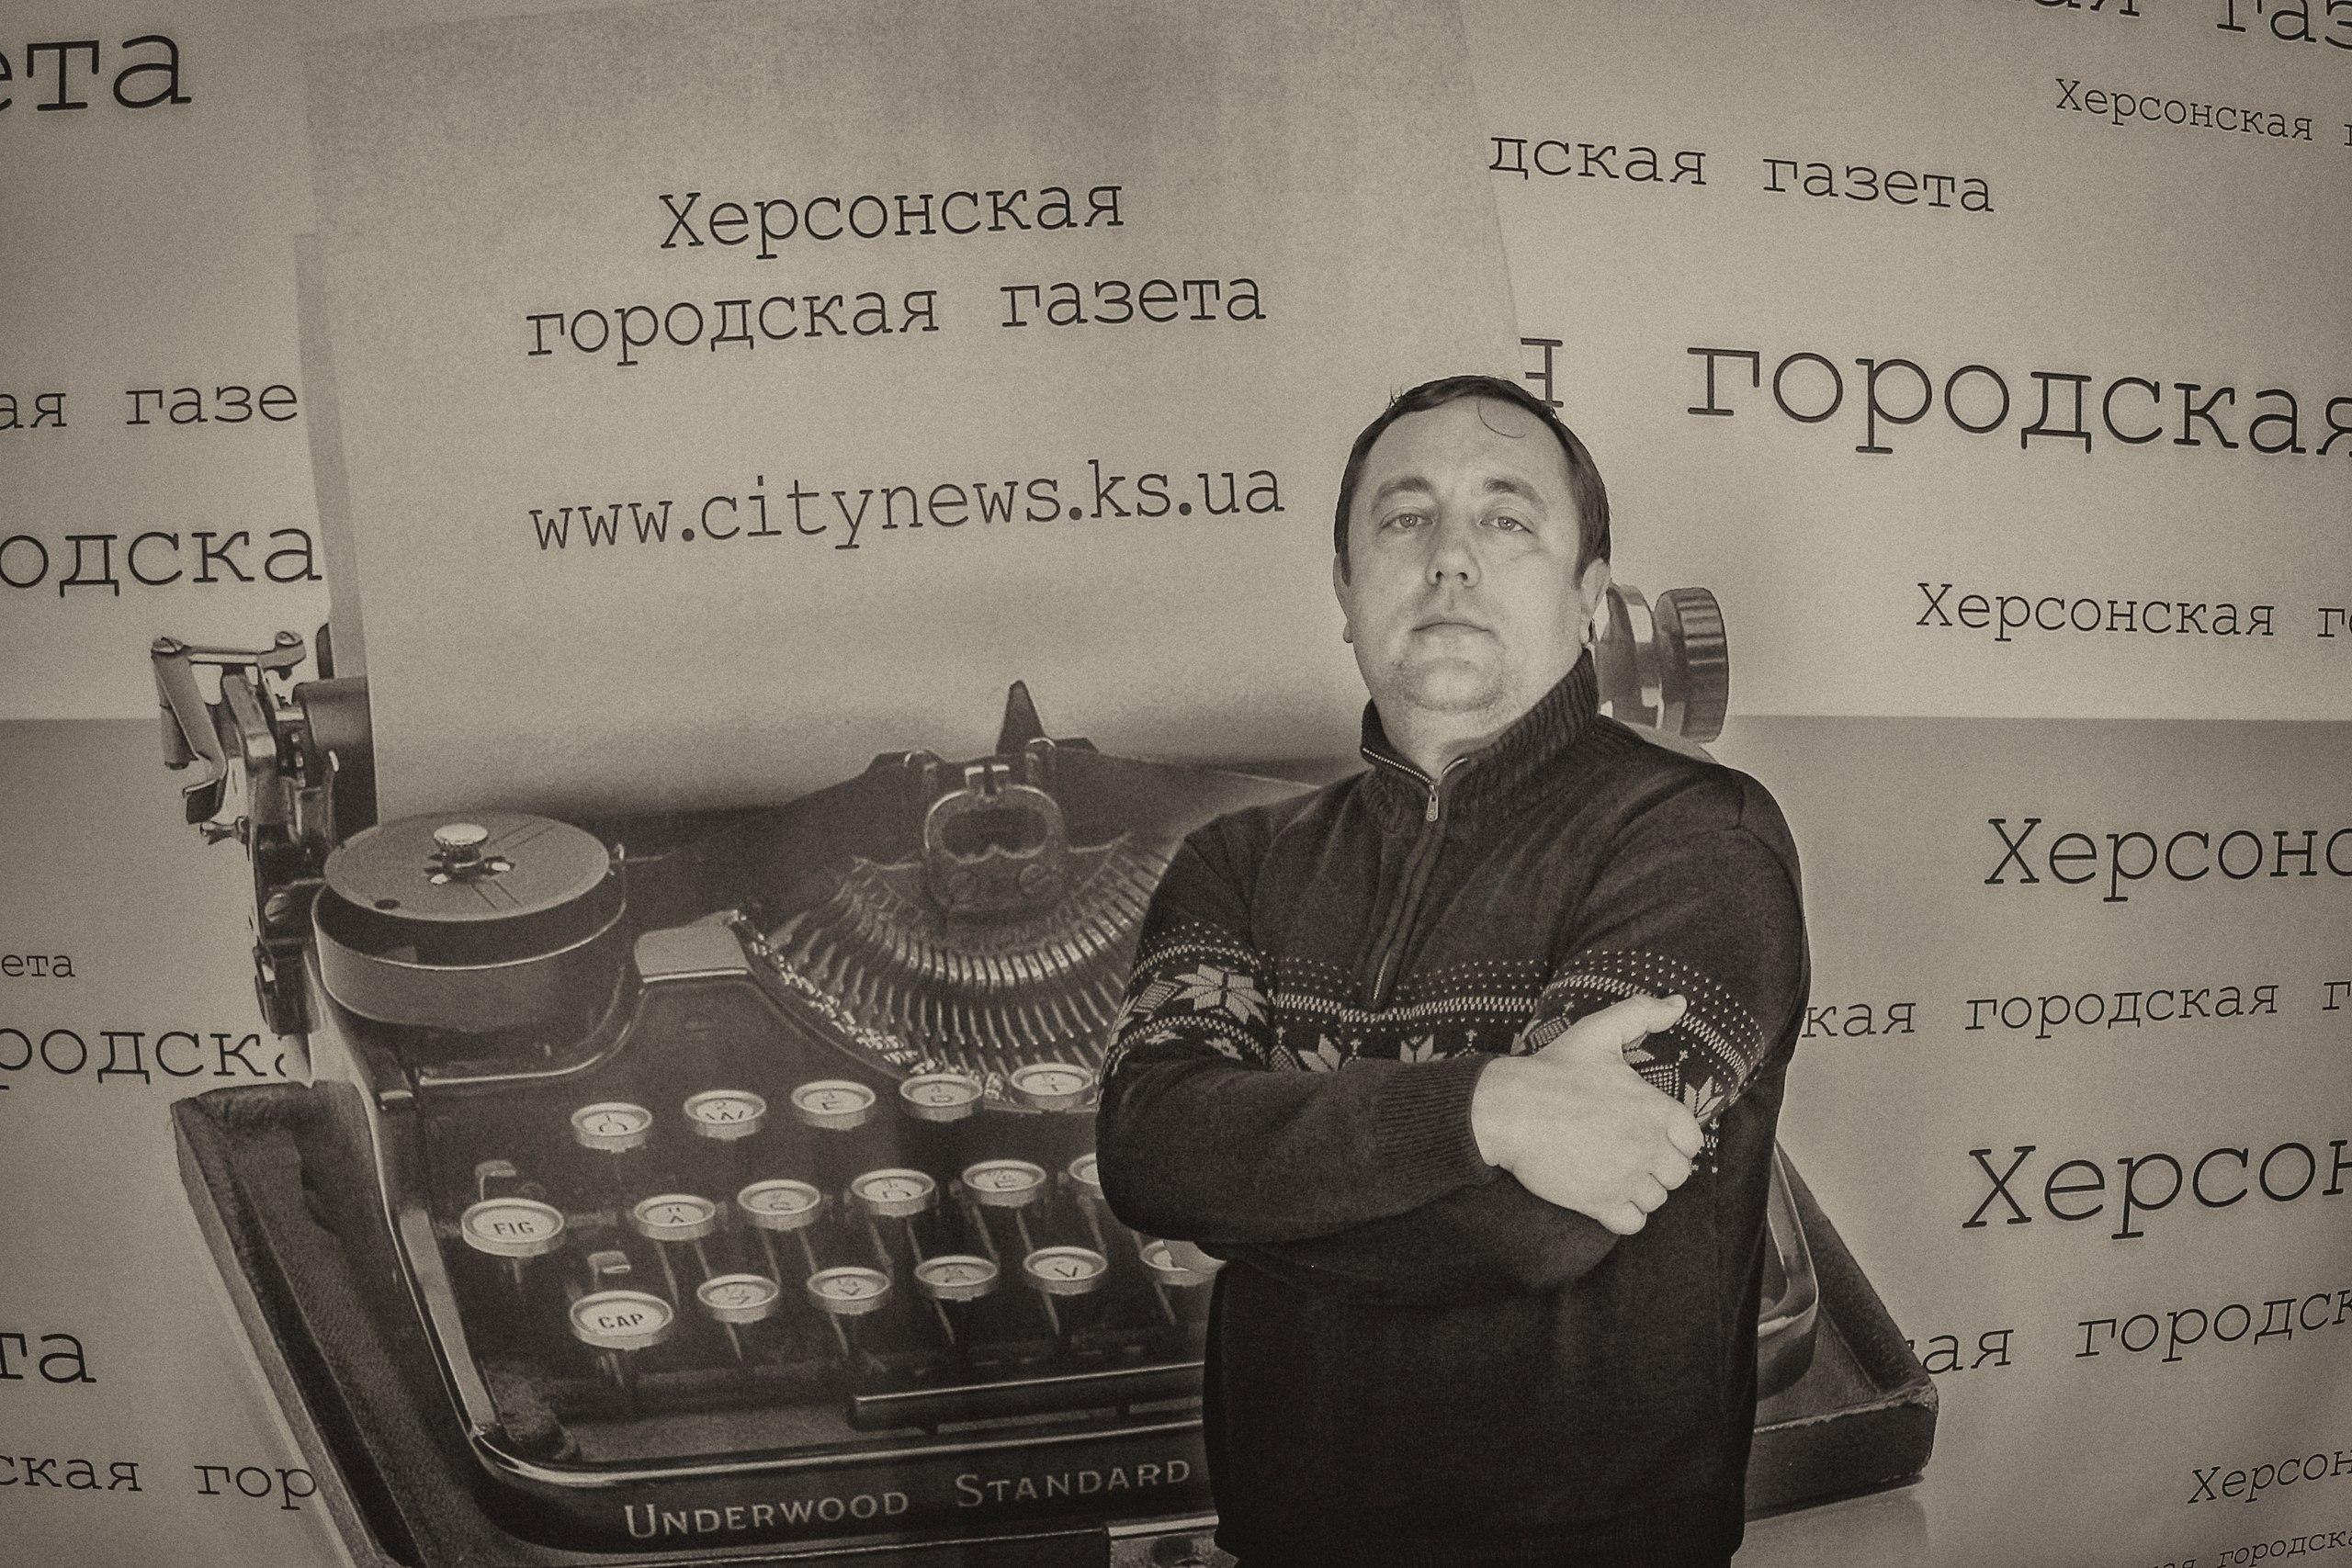 Виталий Богданов предоставил документы для уголовного дела на мэра